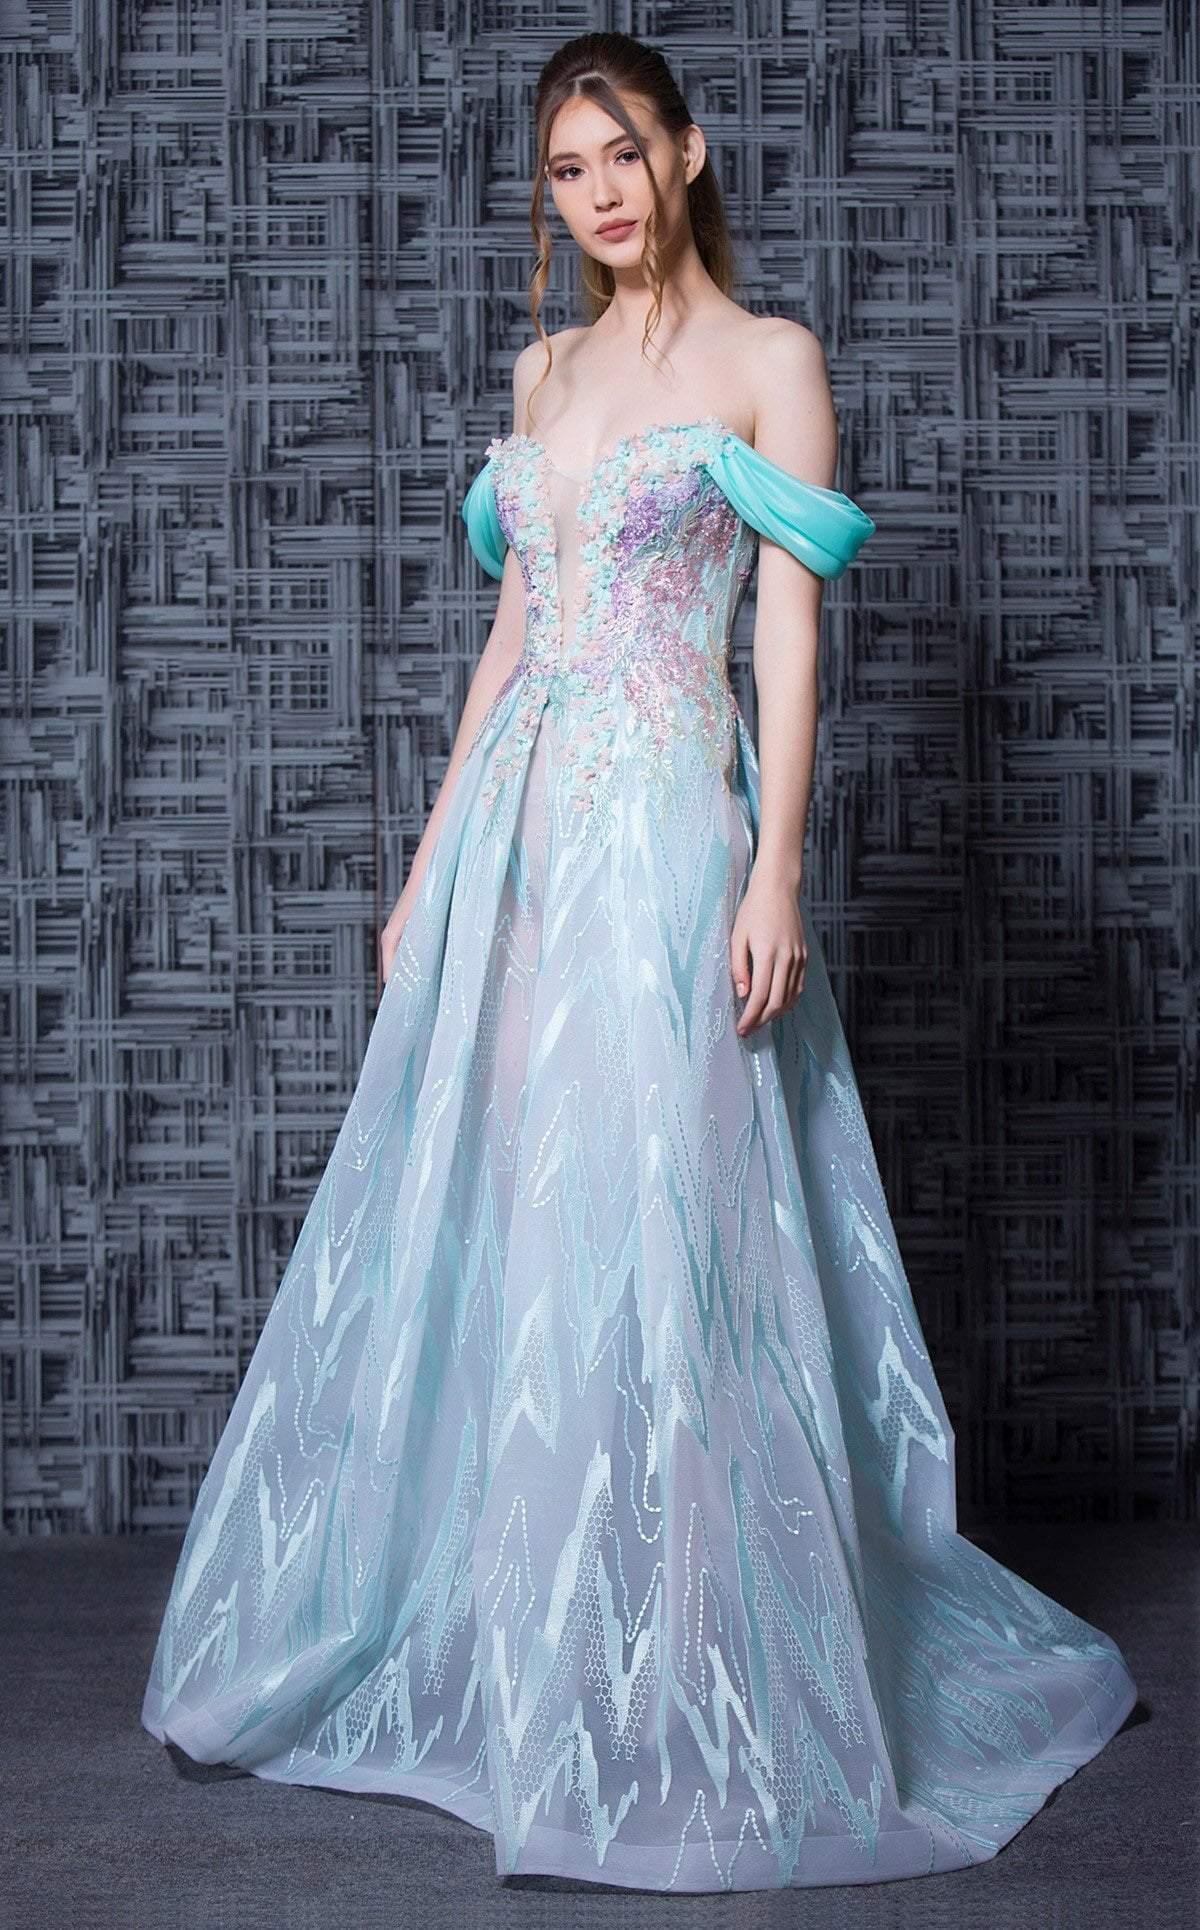 MNM COUTURE - K3605 Floral Lace Off-Shoulder A-Line Dress